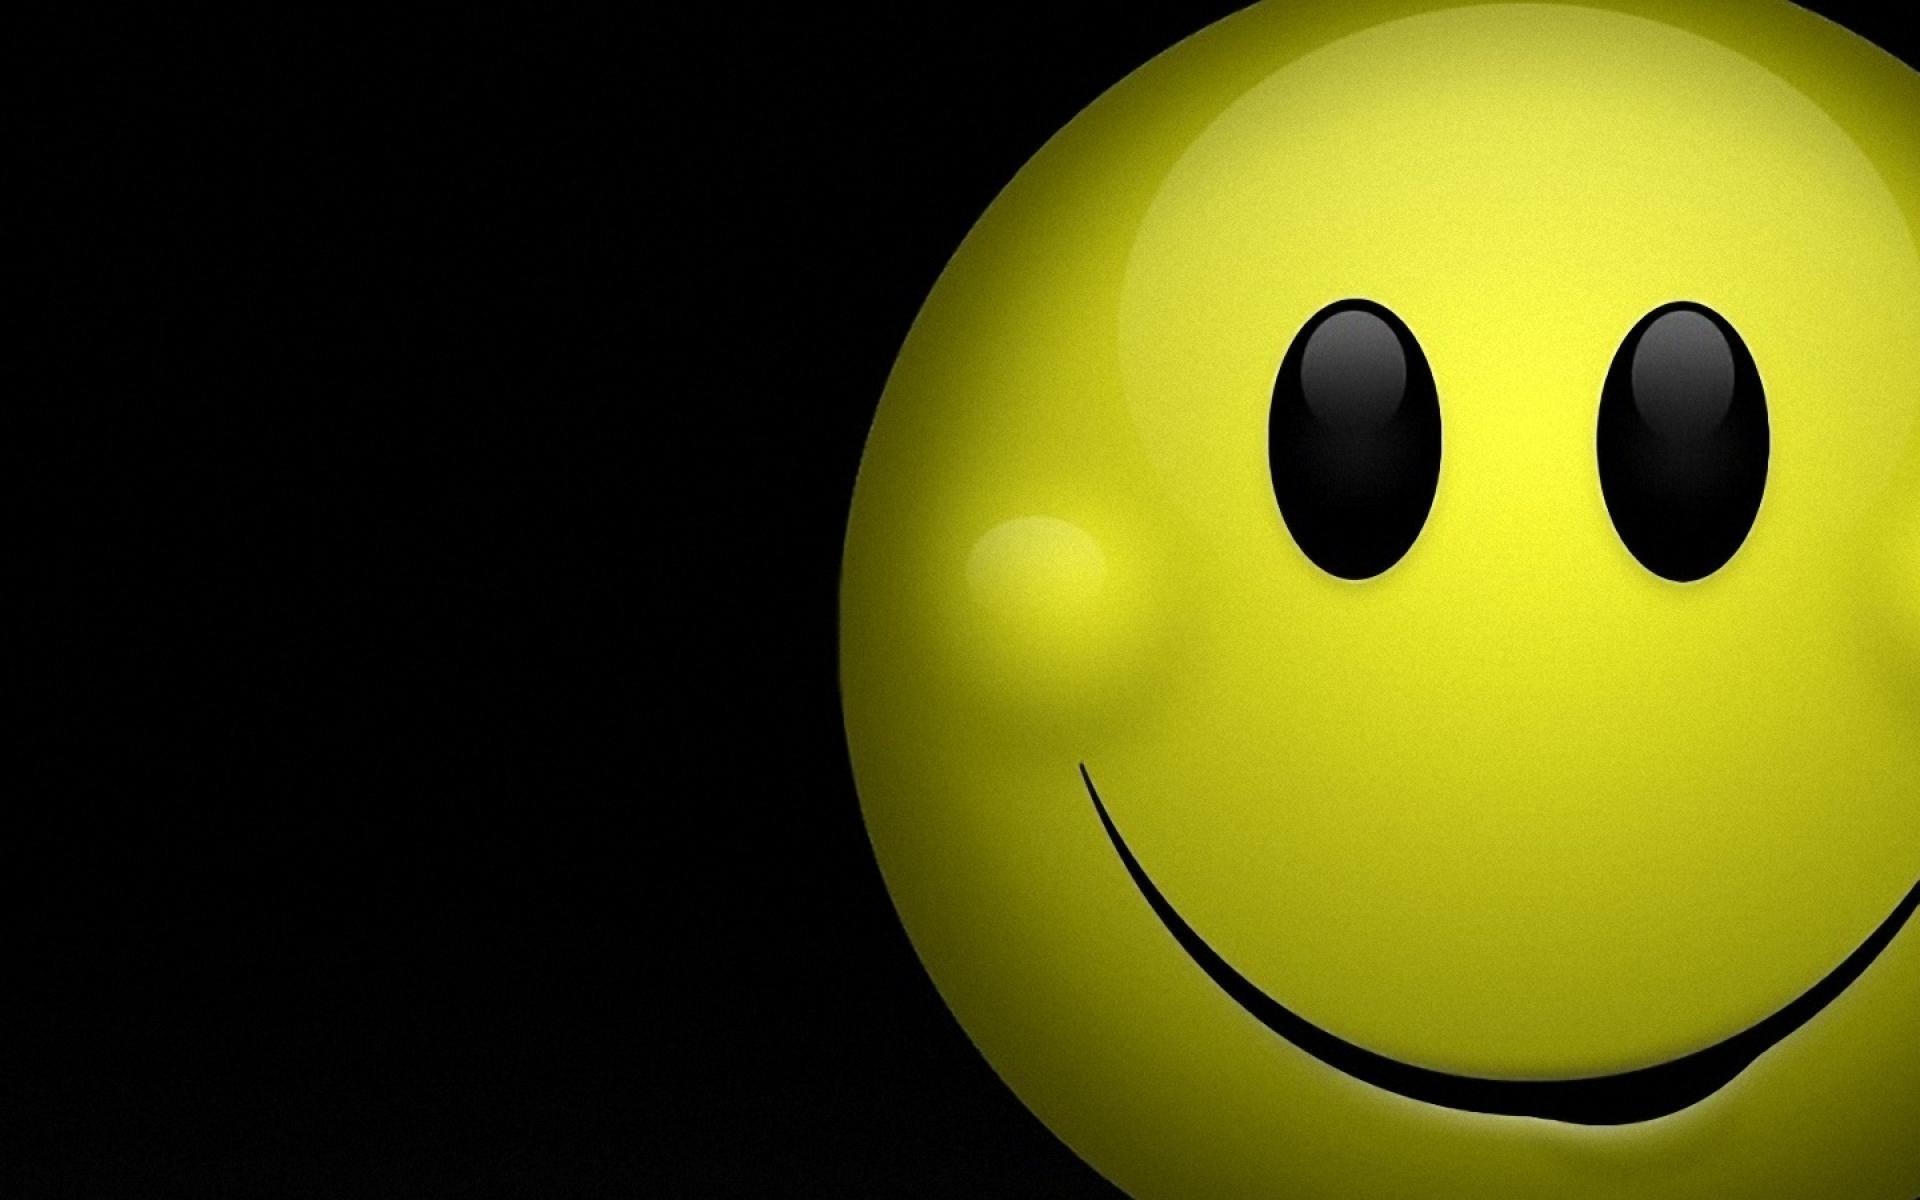 Smiley Face On Blue Wallpaper Images Wallpaper   WallpaperLepi